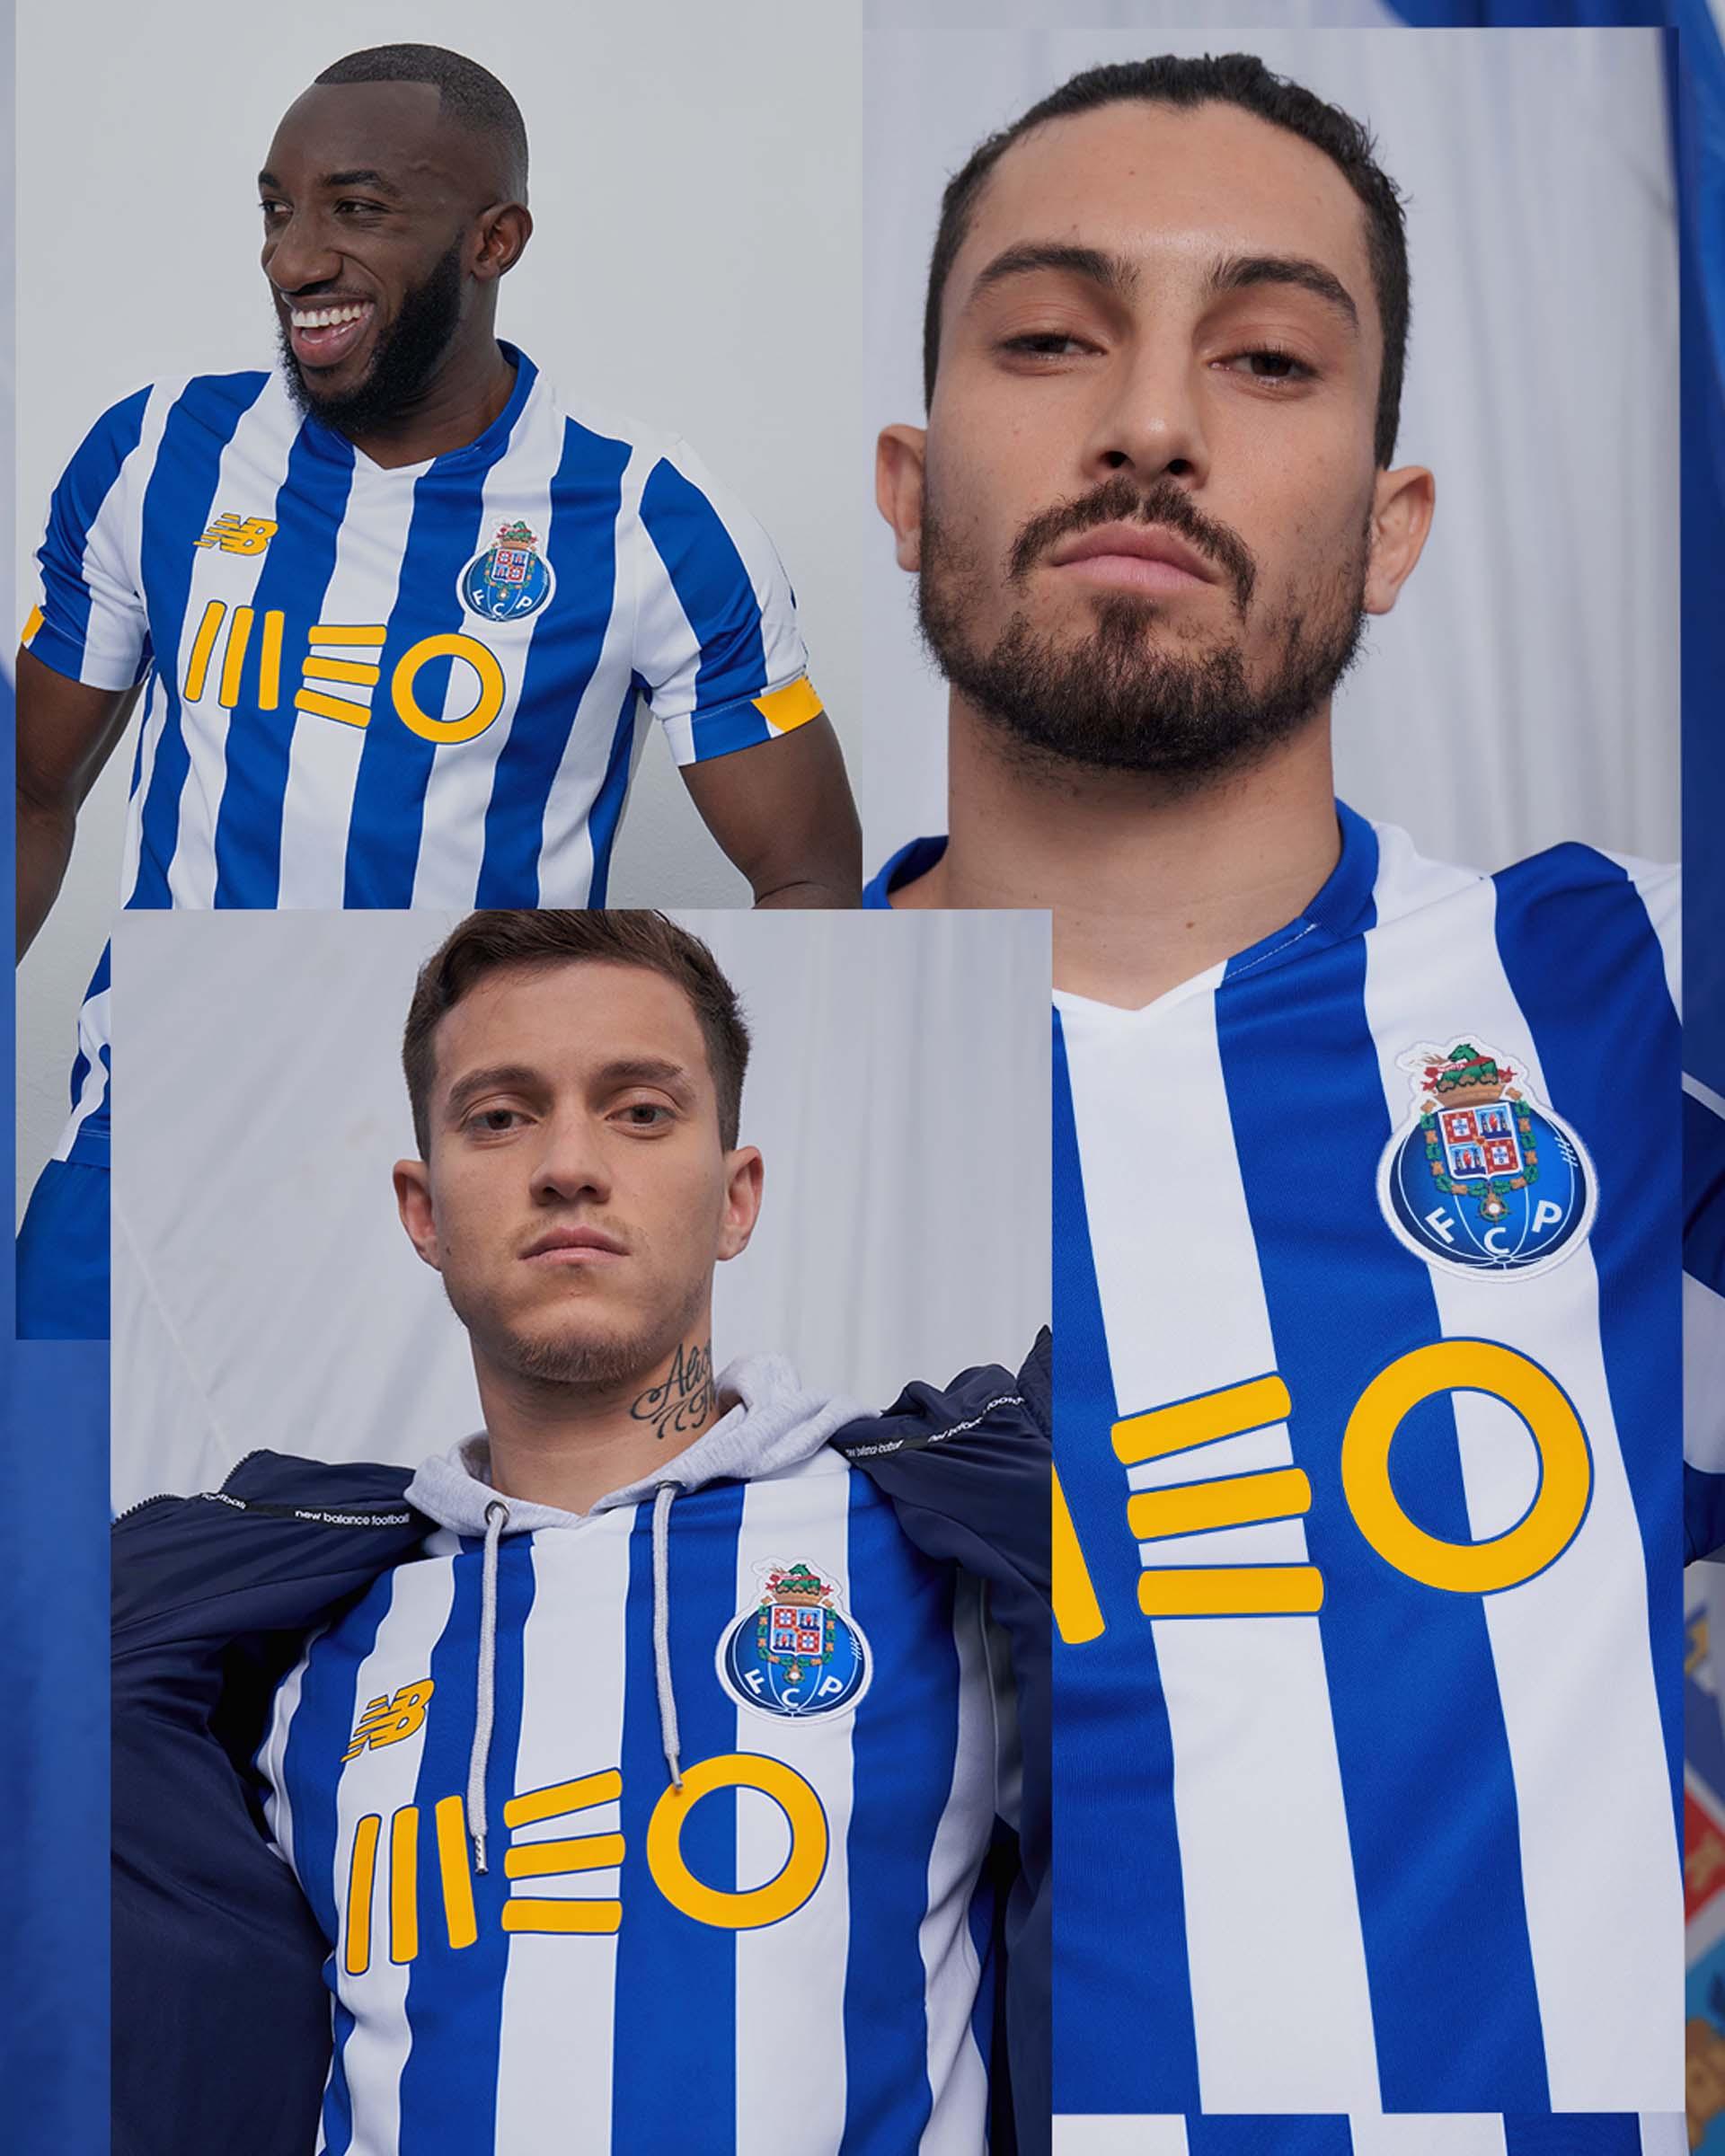 نیو بالانس رسما پیراهن اول تیم فوتبال پورتو را در فصل 2021 معرفی کرد